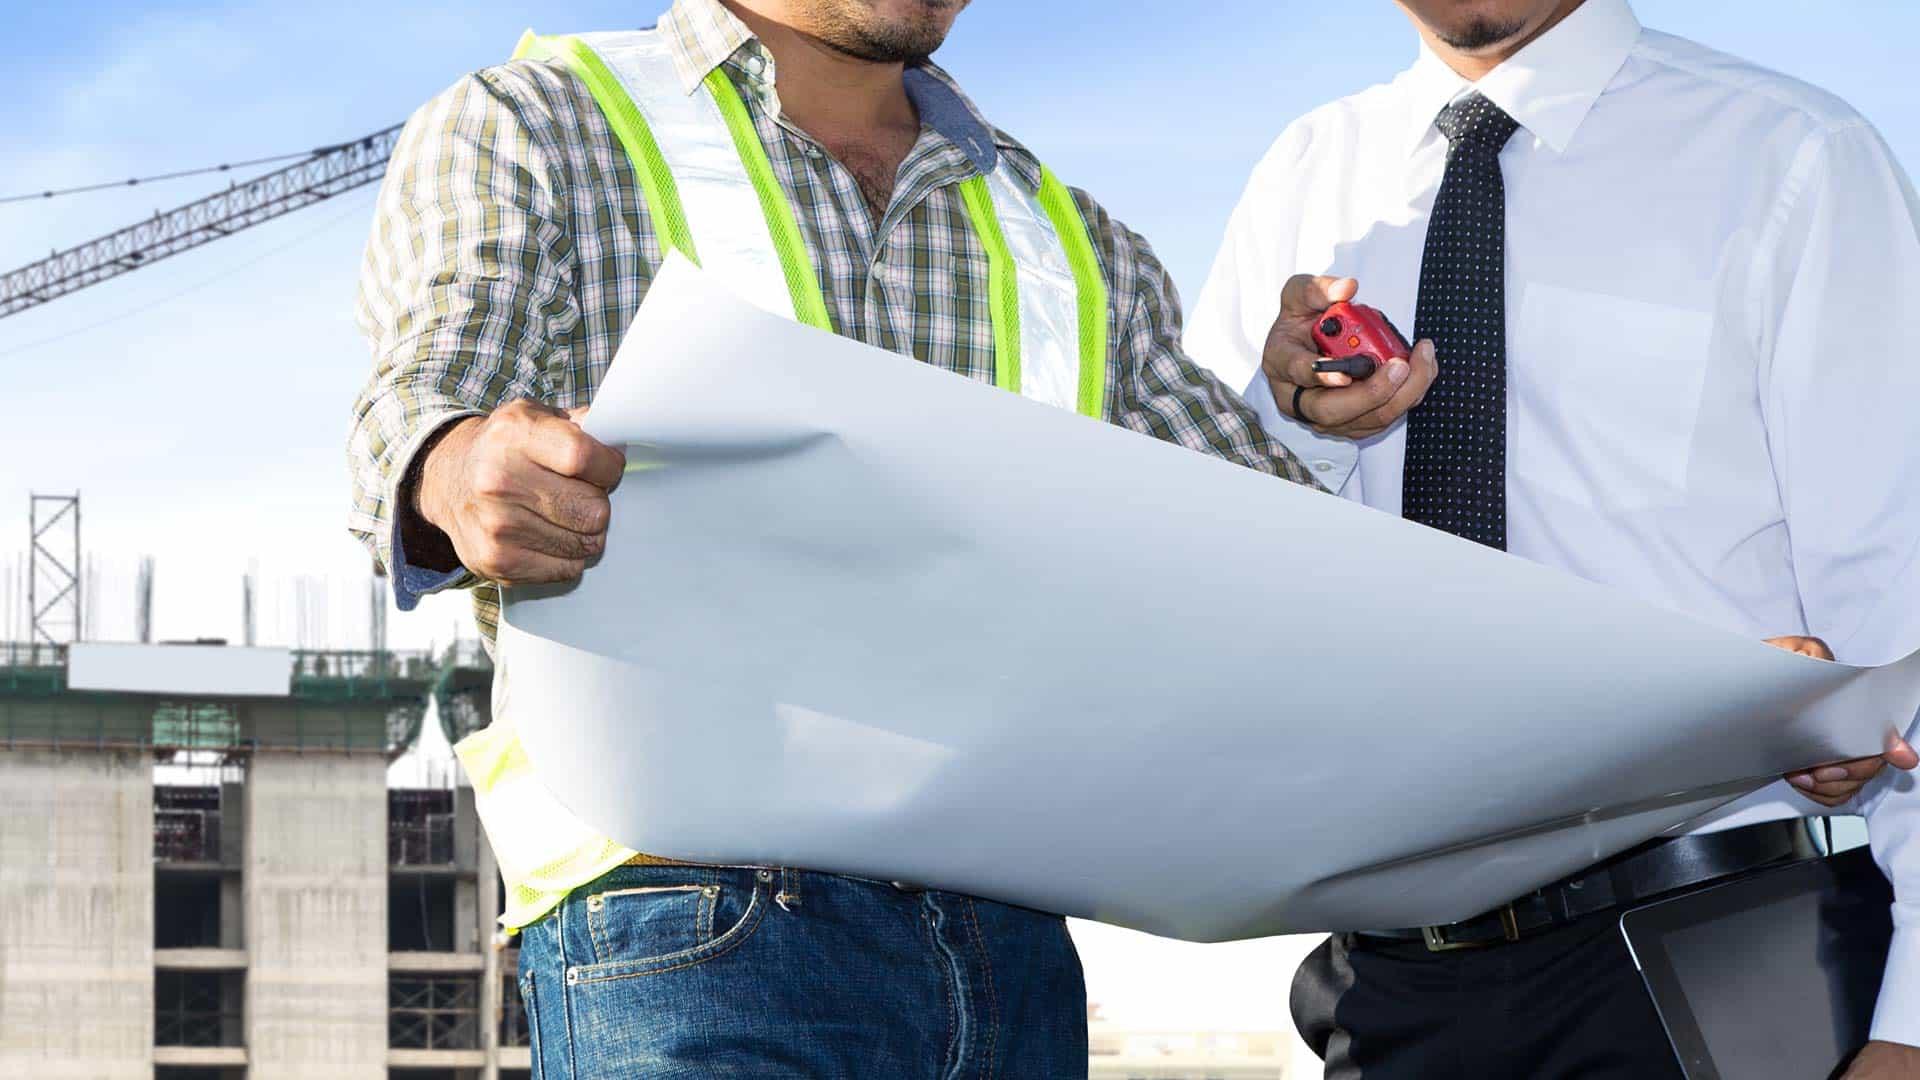 Speciale condominio: incentivi fiscali, la guida definitiva